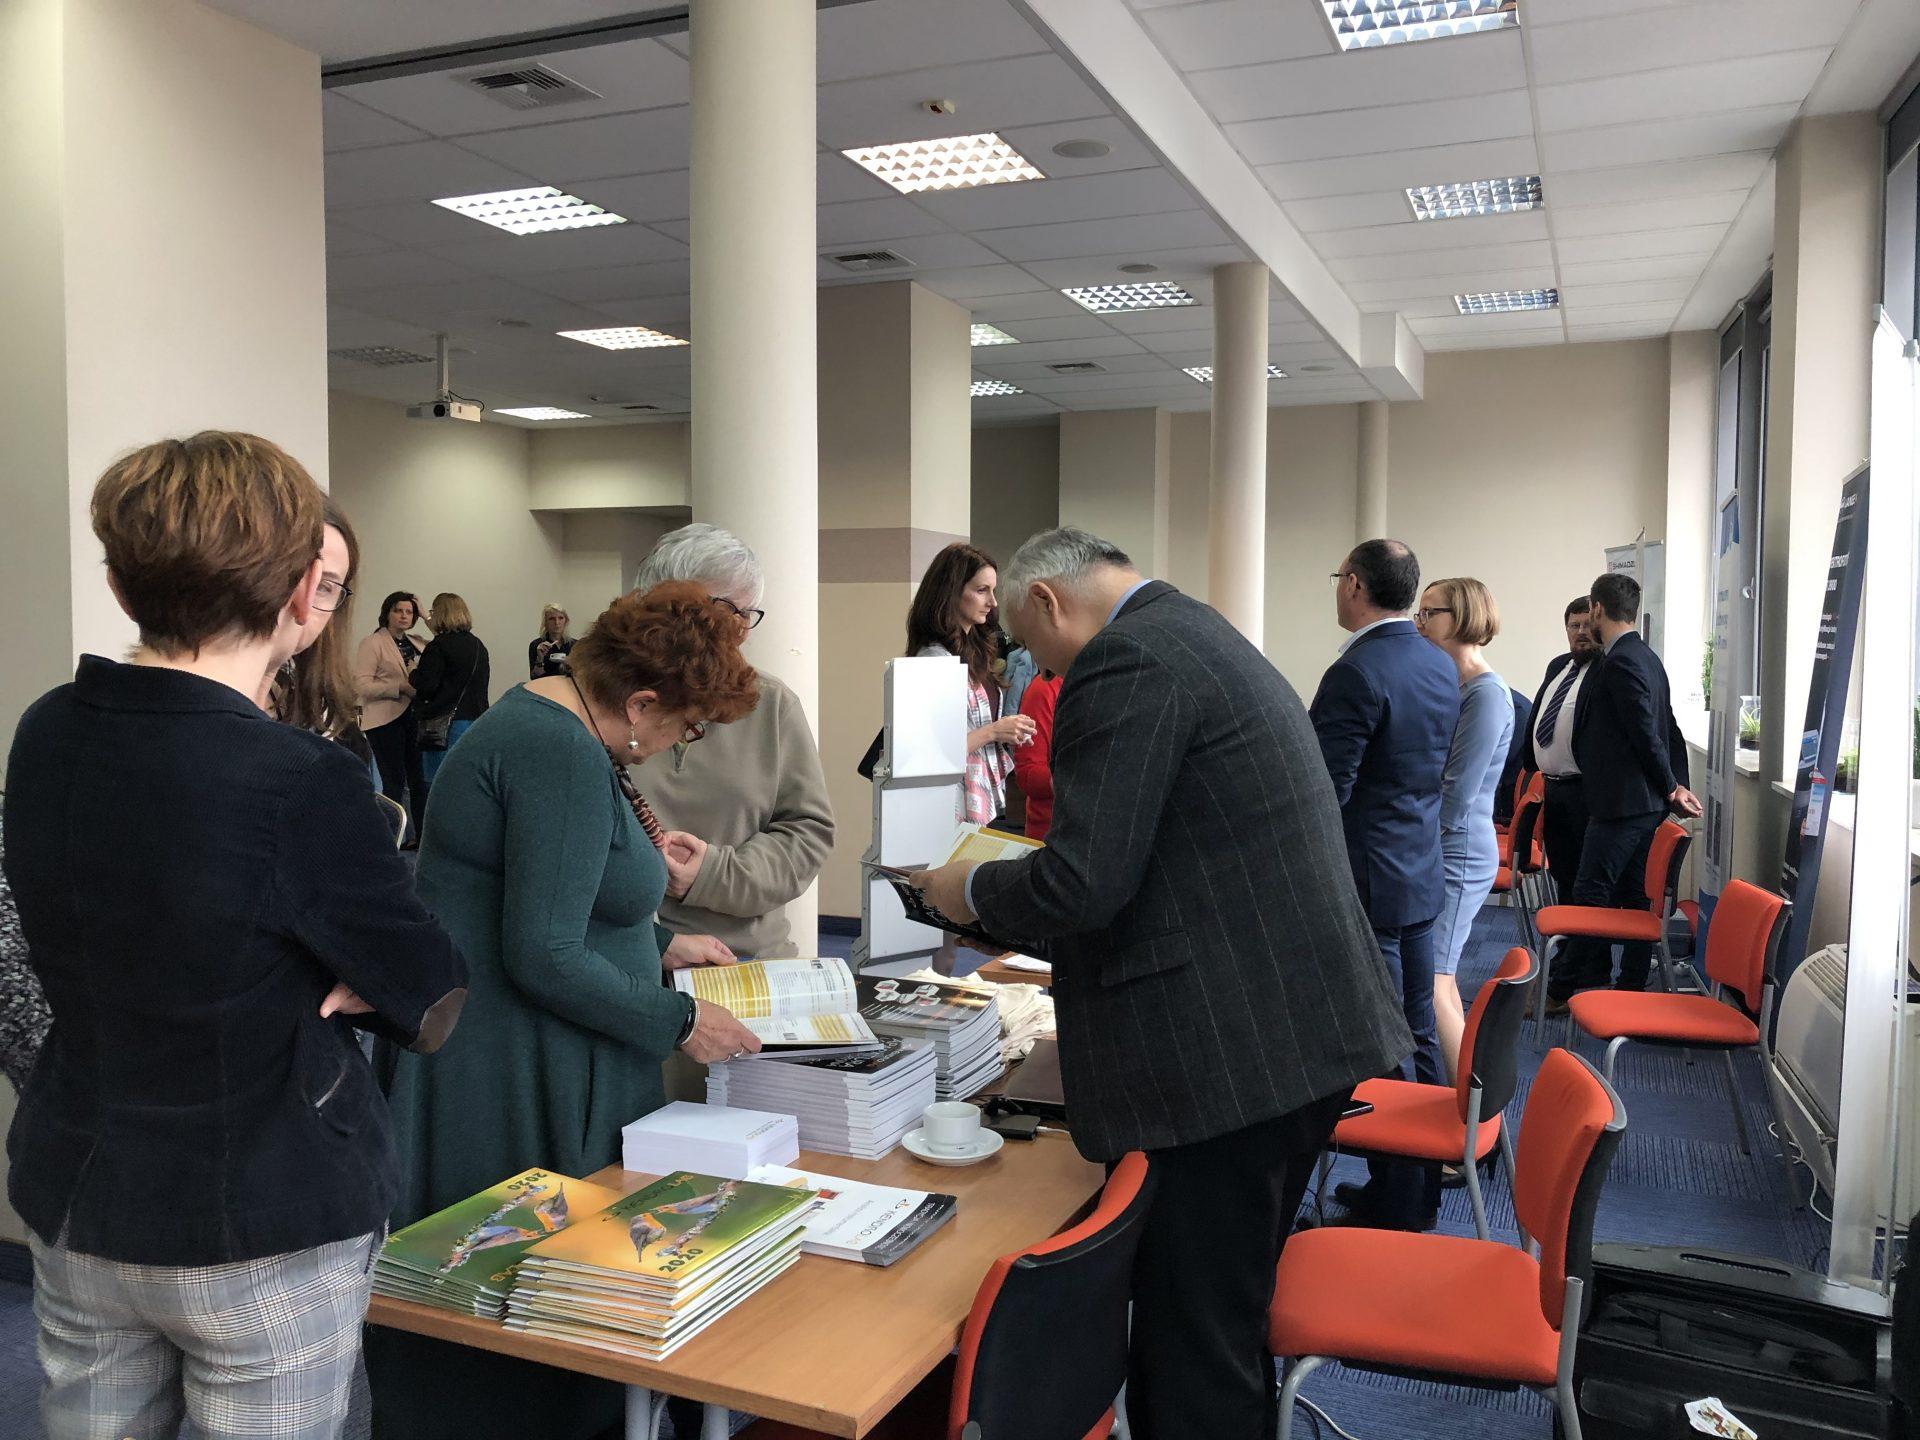 Grudzień 2019, Spotkanie Sekcji Ochrony Środowiska Klubu POLLAB, Kielce